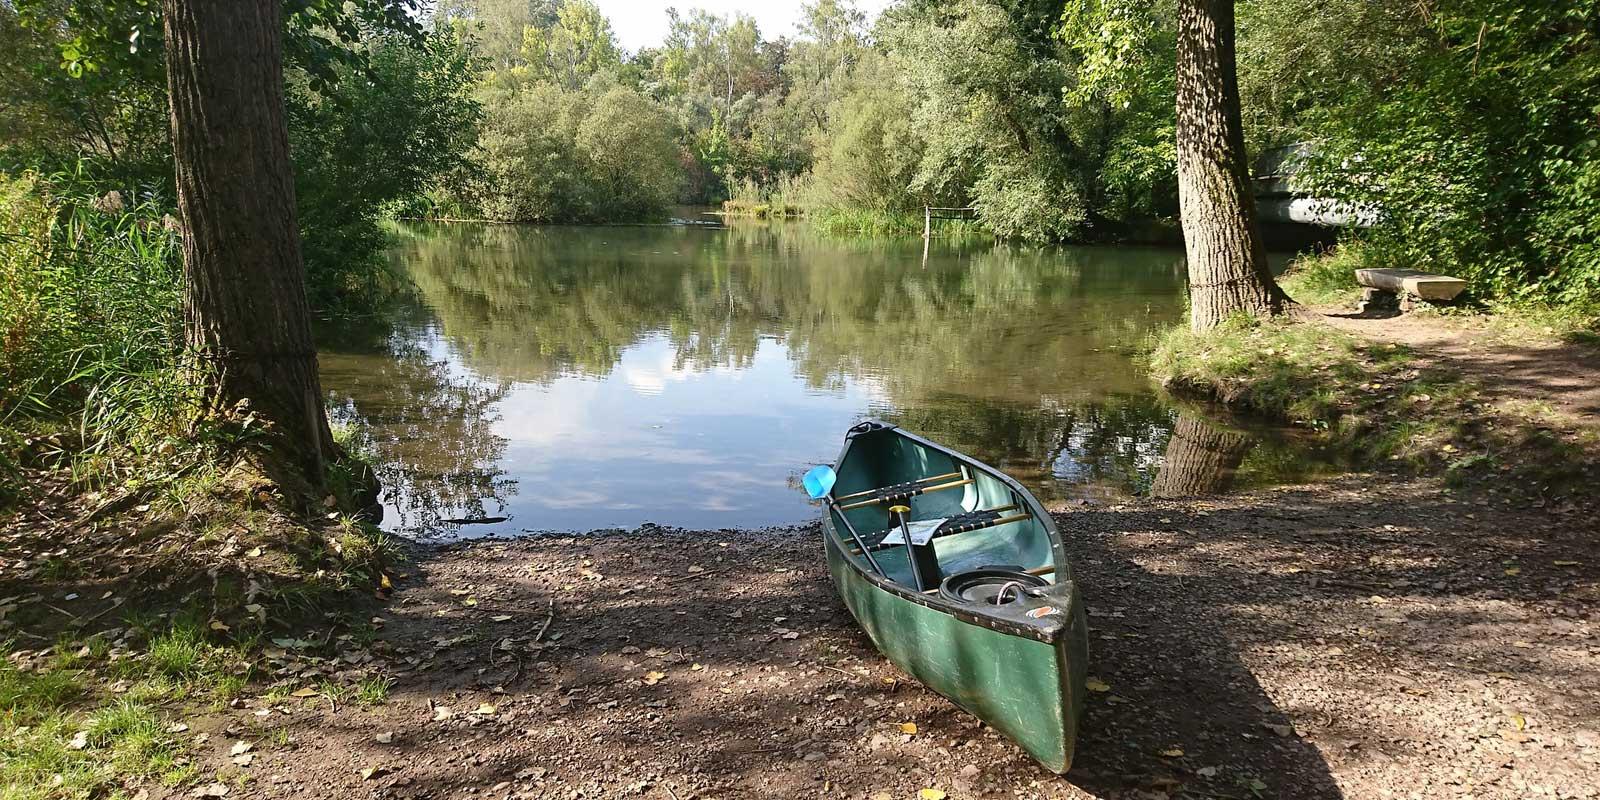 canoe-image-13